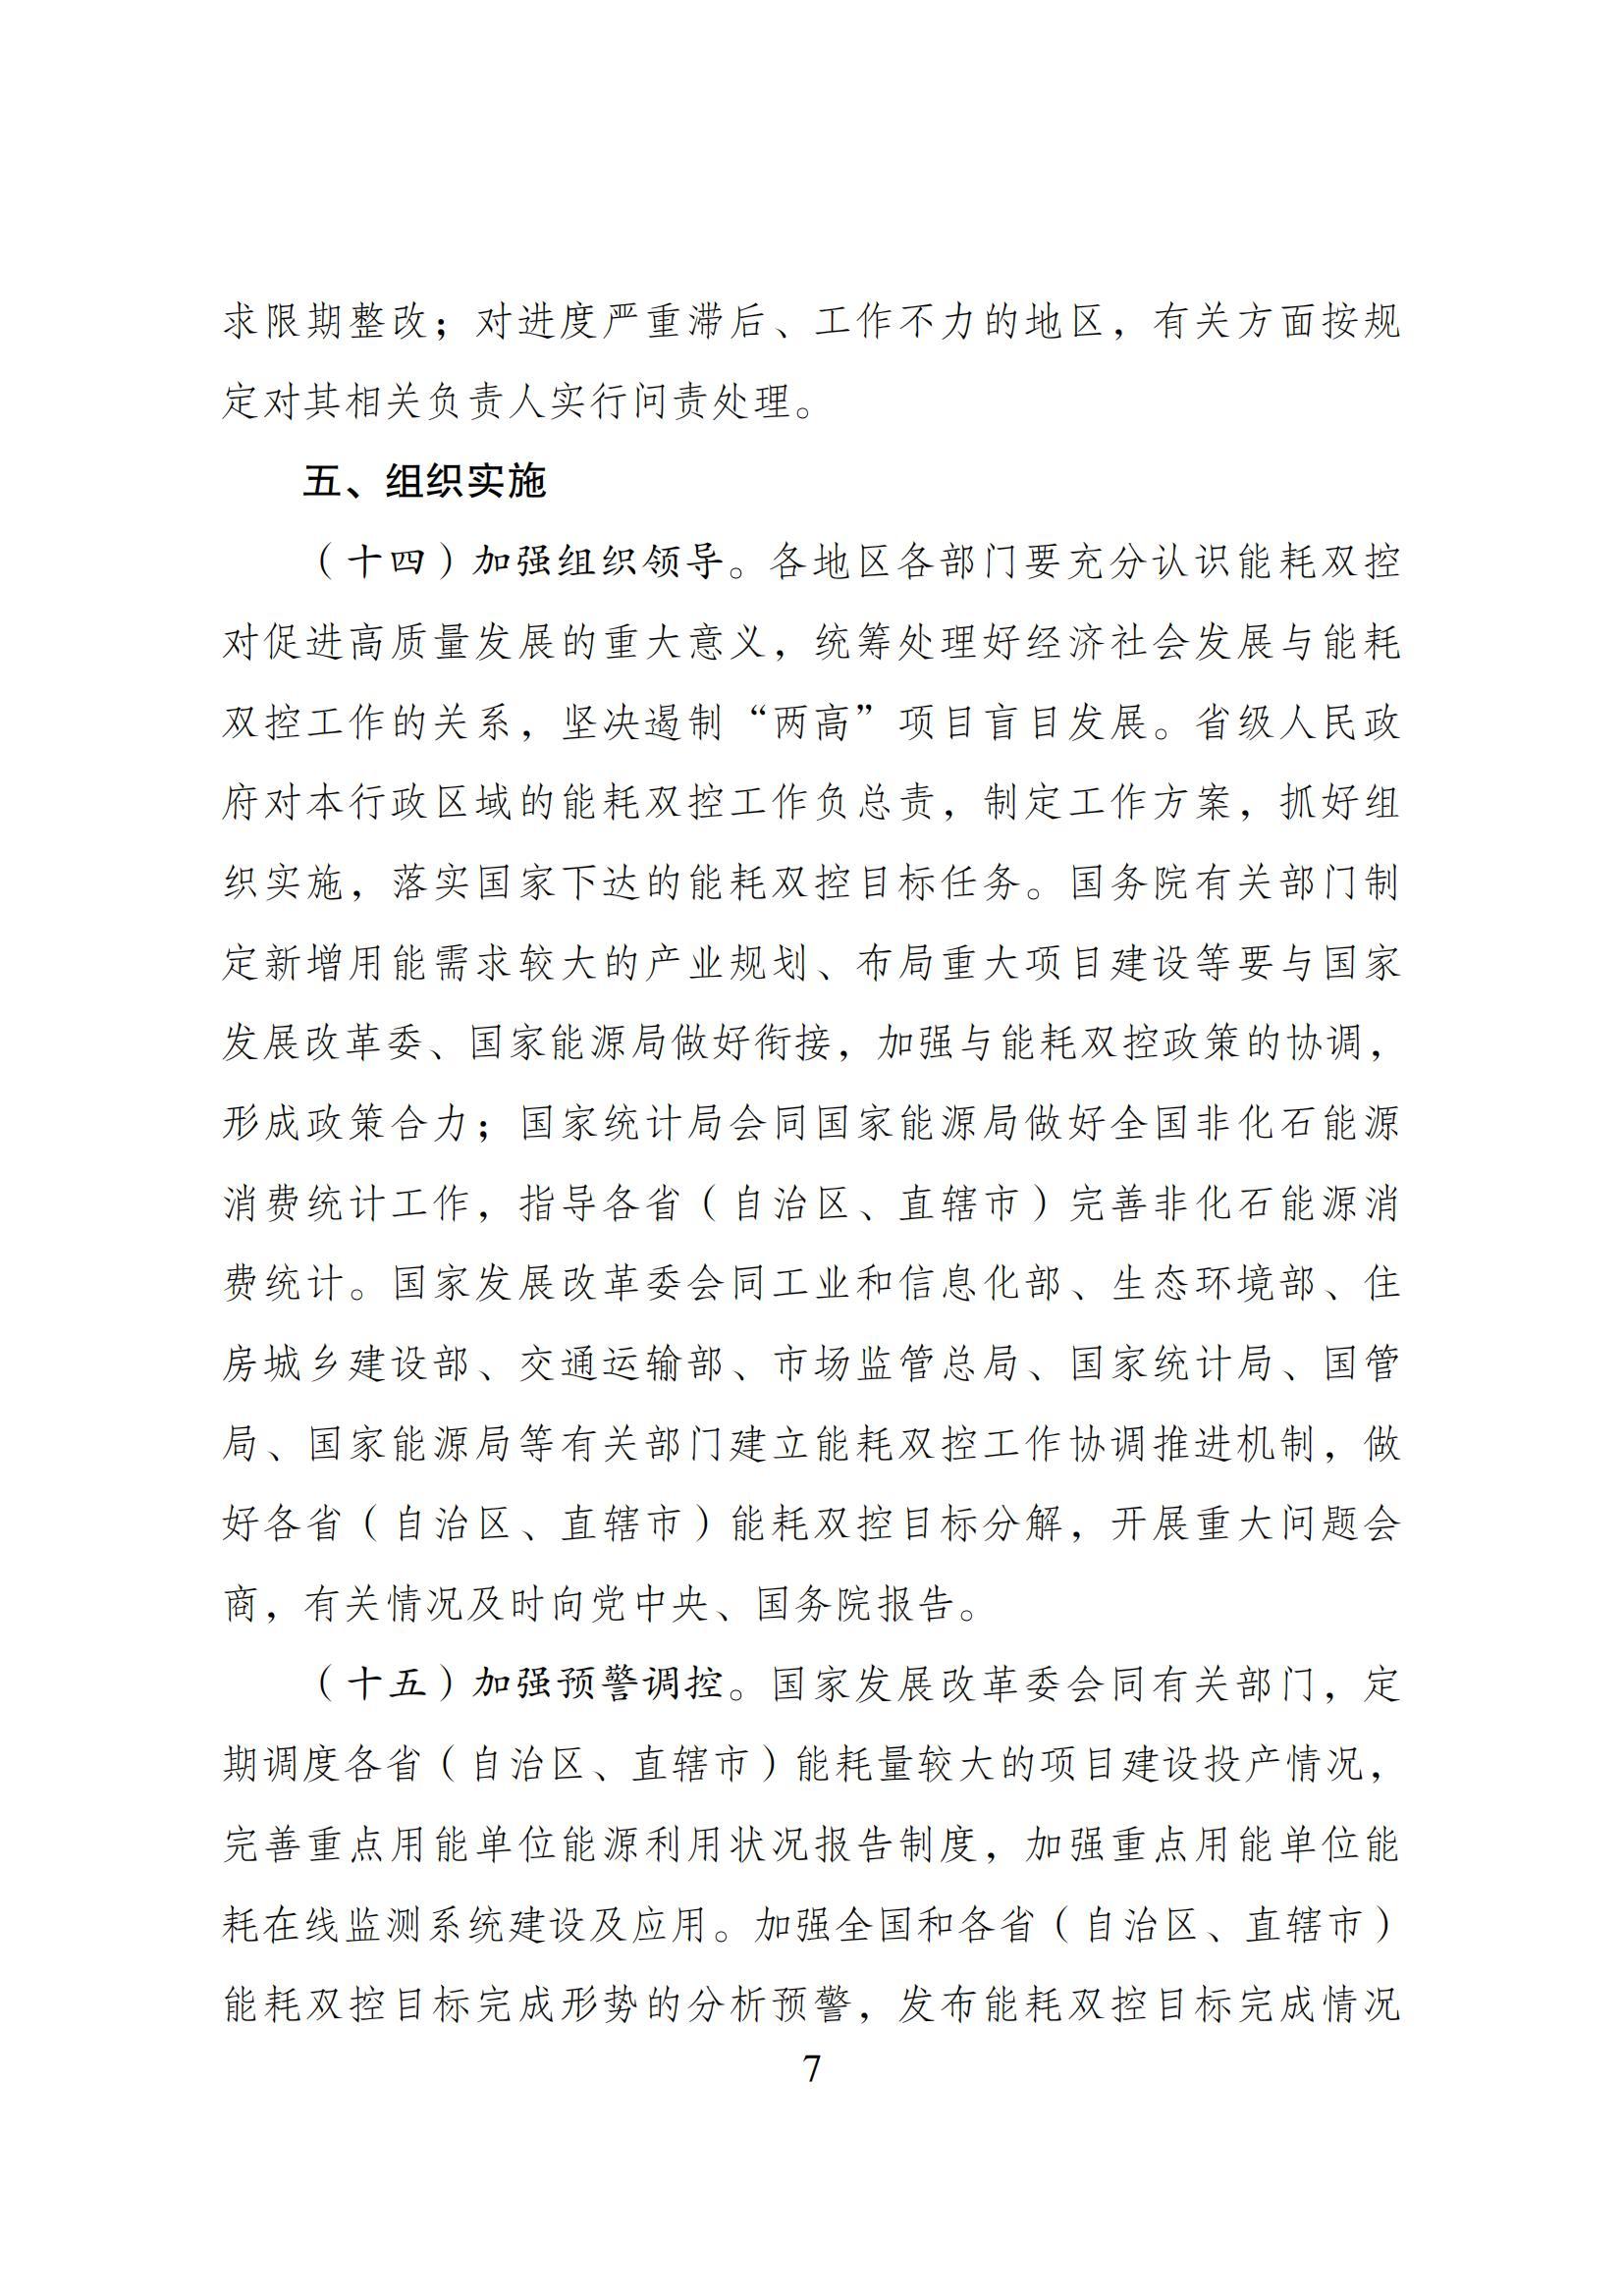 """发改委:坚决管控""""两高""""项目 加快建设全国用能权交易市场"""